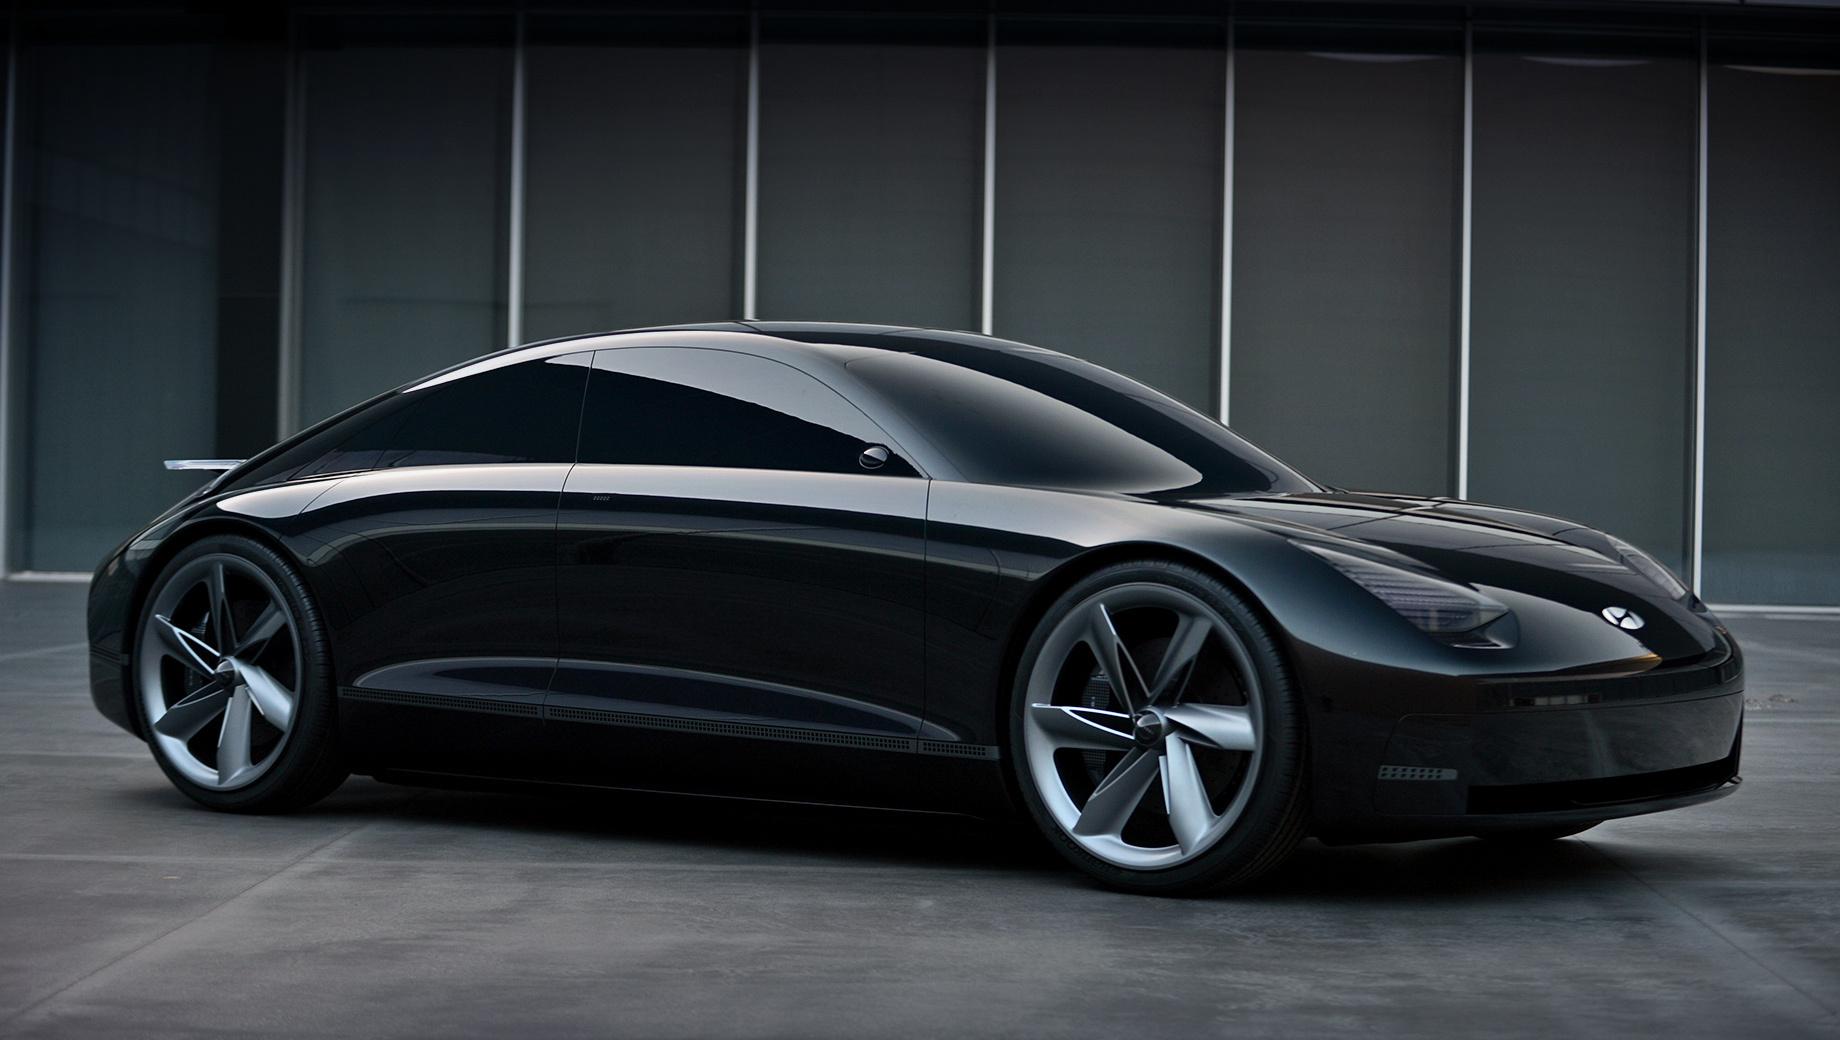 Hyundai ev prophecy,Hyundai concept. Едва появившись на свет, фастбек сделался «иконой» и задал «новый стандарт для EV-сегмента». В «первозданных поверхностях» и чистых линиях заложена «эстетическая гармония». Ей способствуют длинная колёсная база и короткие свесы.